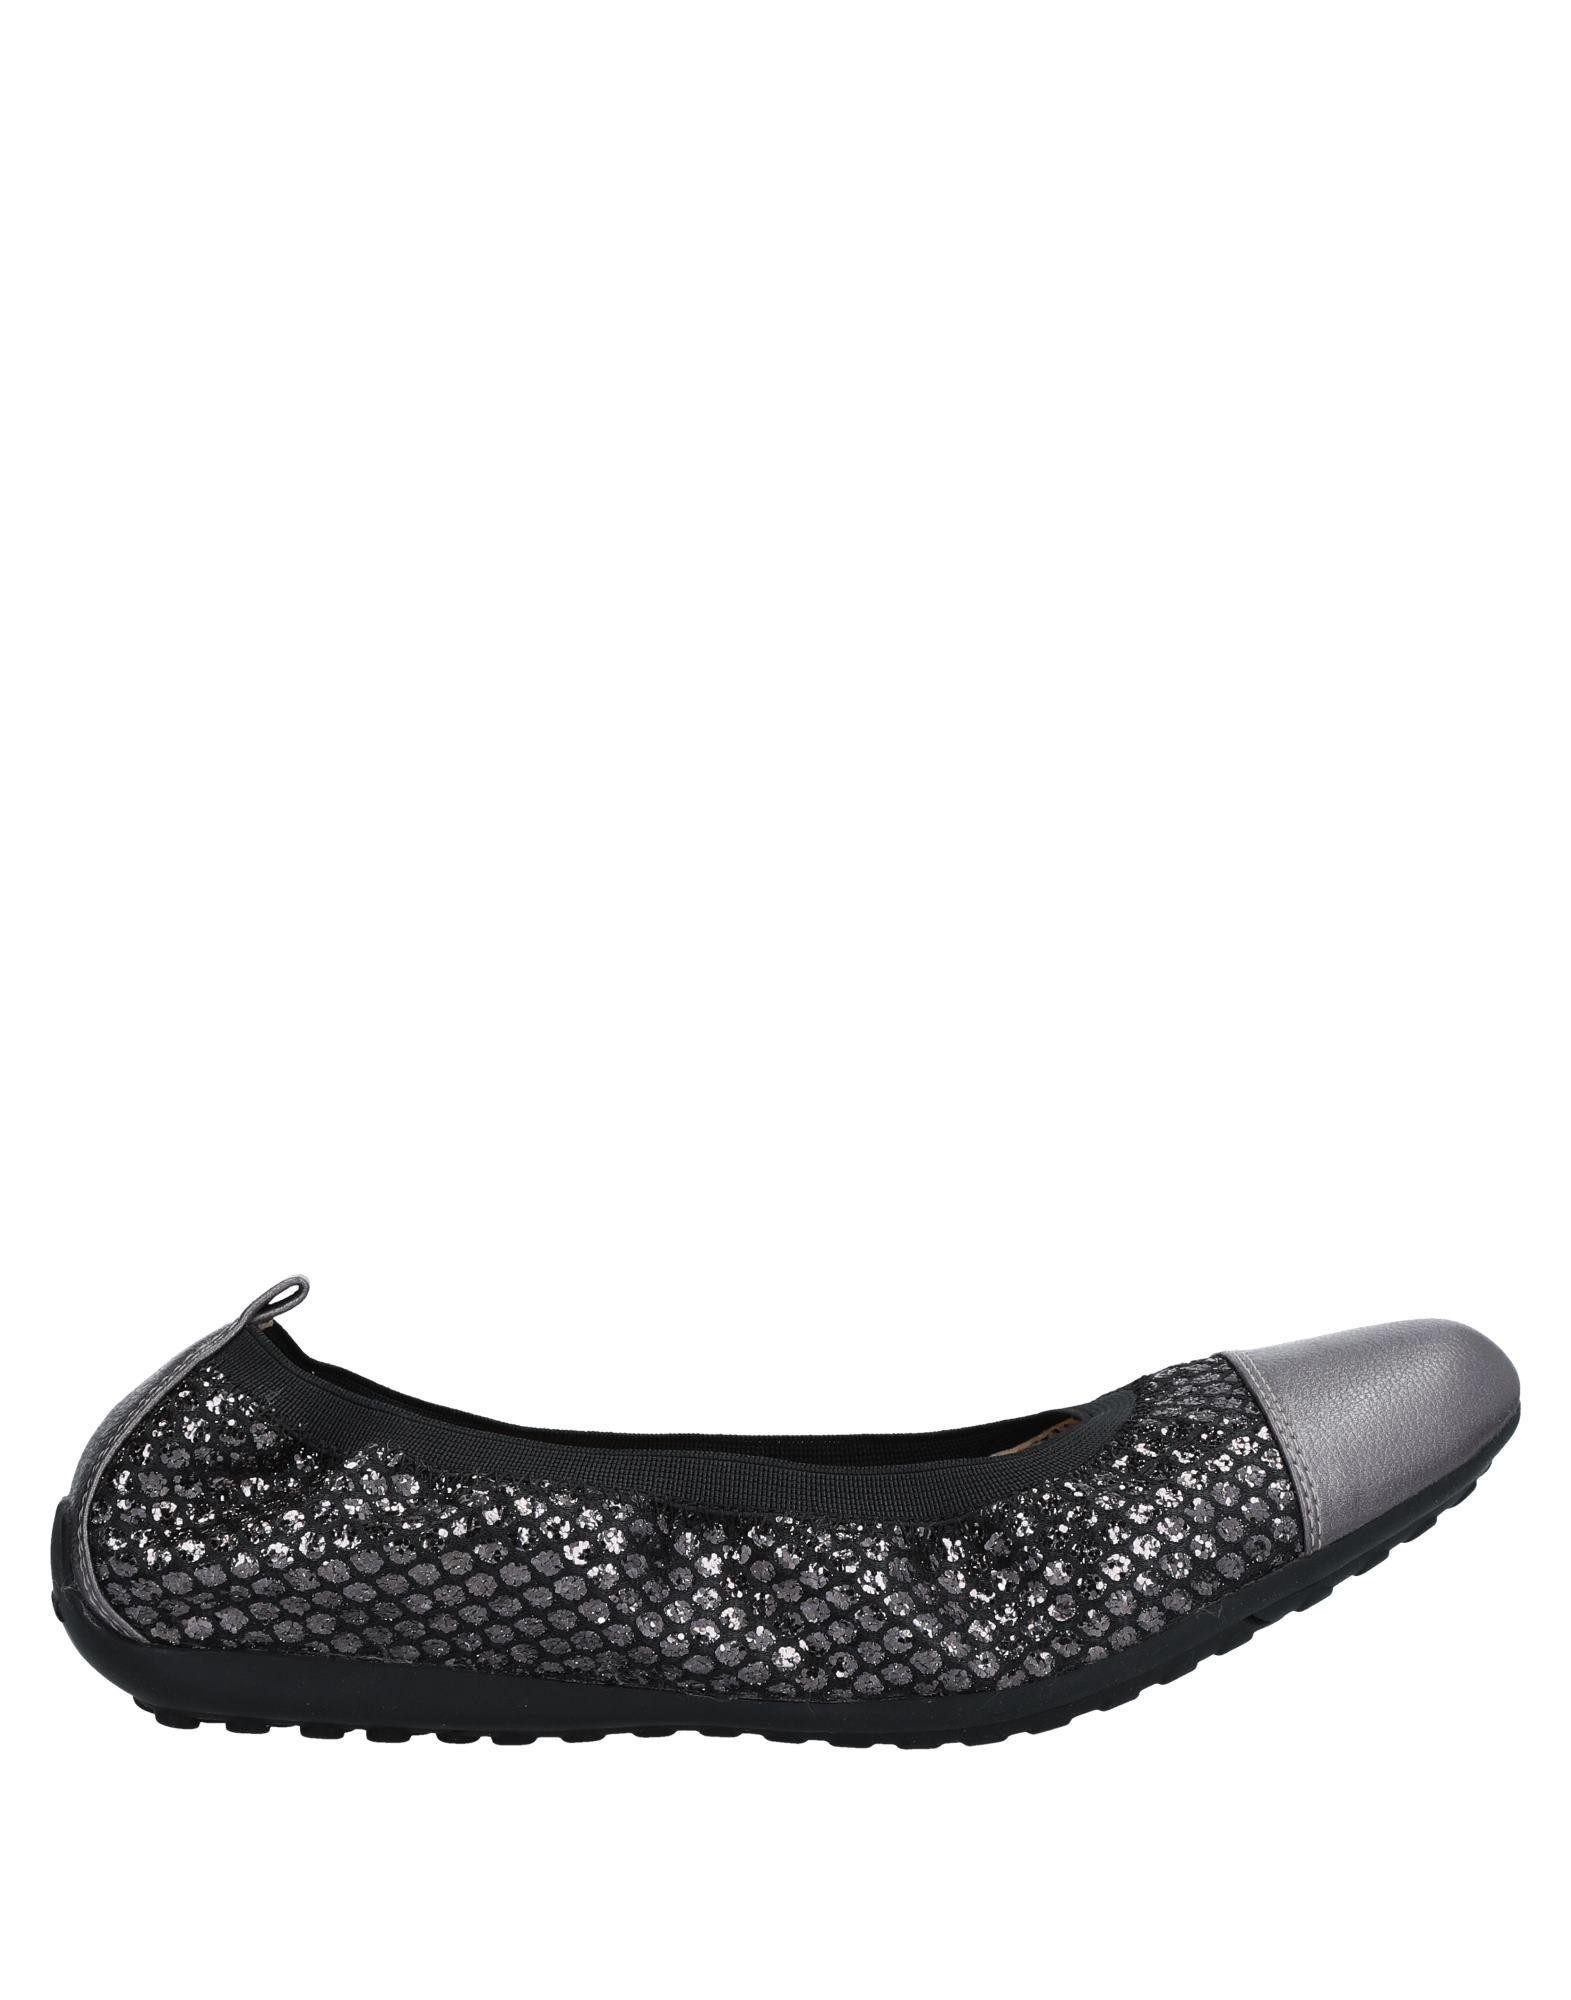 Geox Ballerinas Damen  11541082SX Gute Qualität beliebte Schuhe